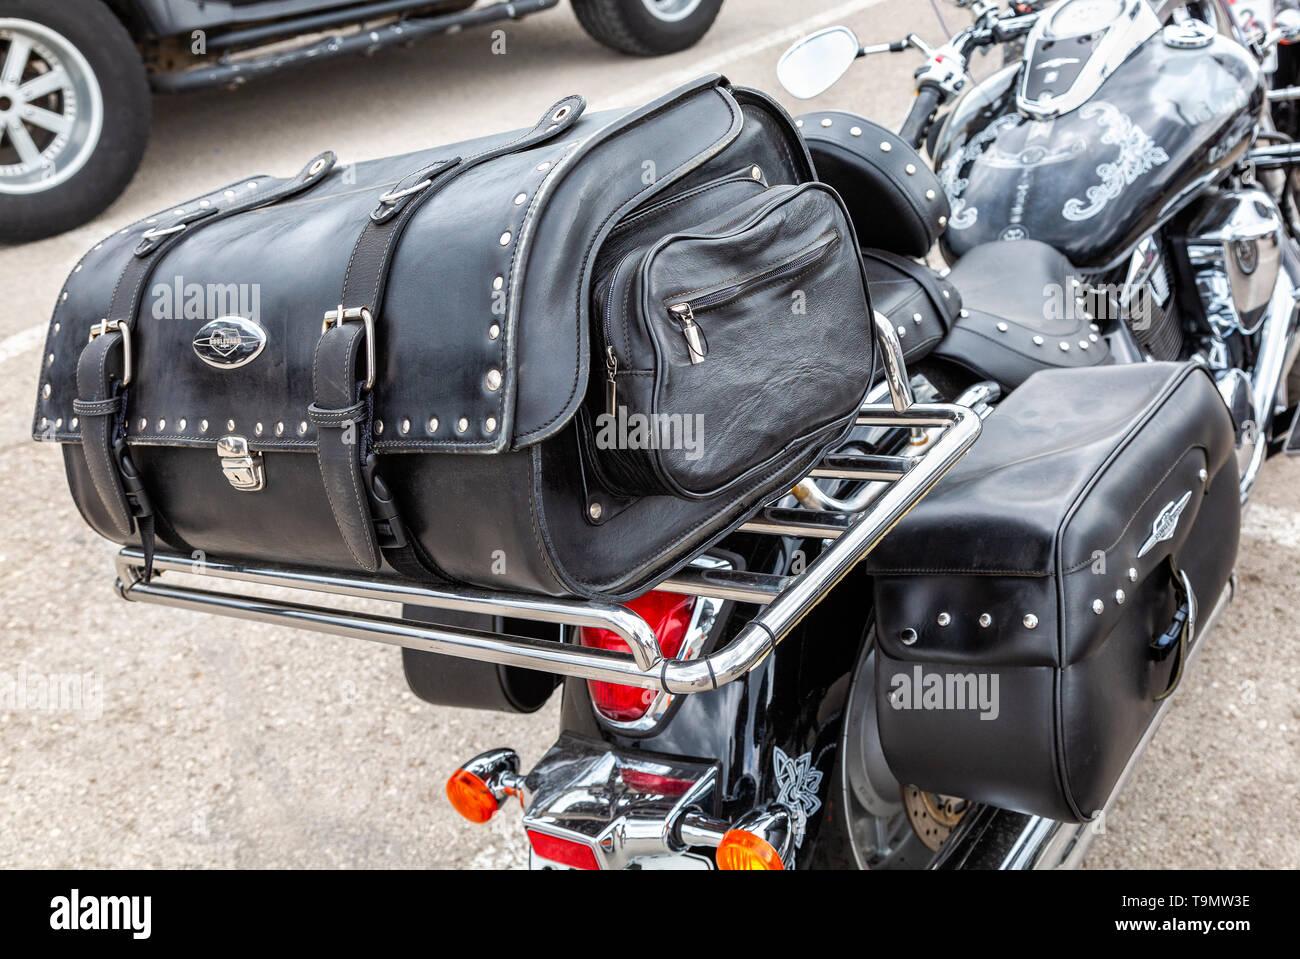 Borse da Moto per Harley Cuoio Portautensili Laterale in Pelle Nero Snow-Day Borse da Sella Moto